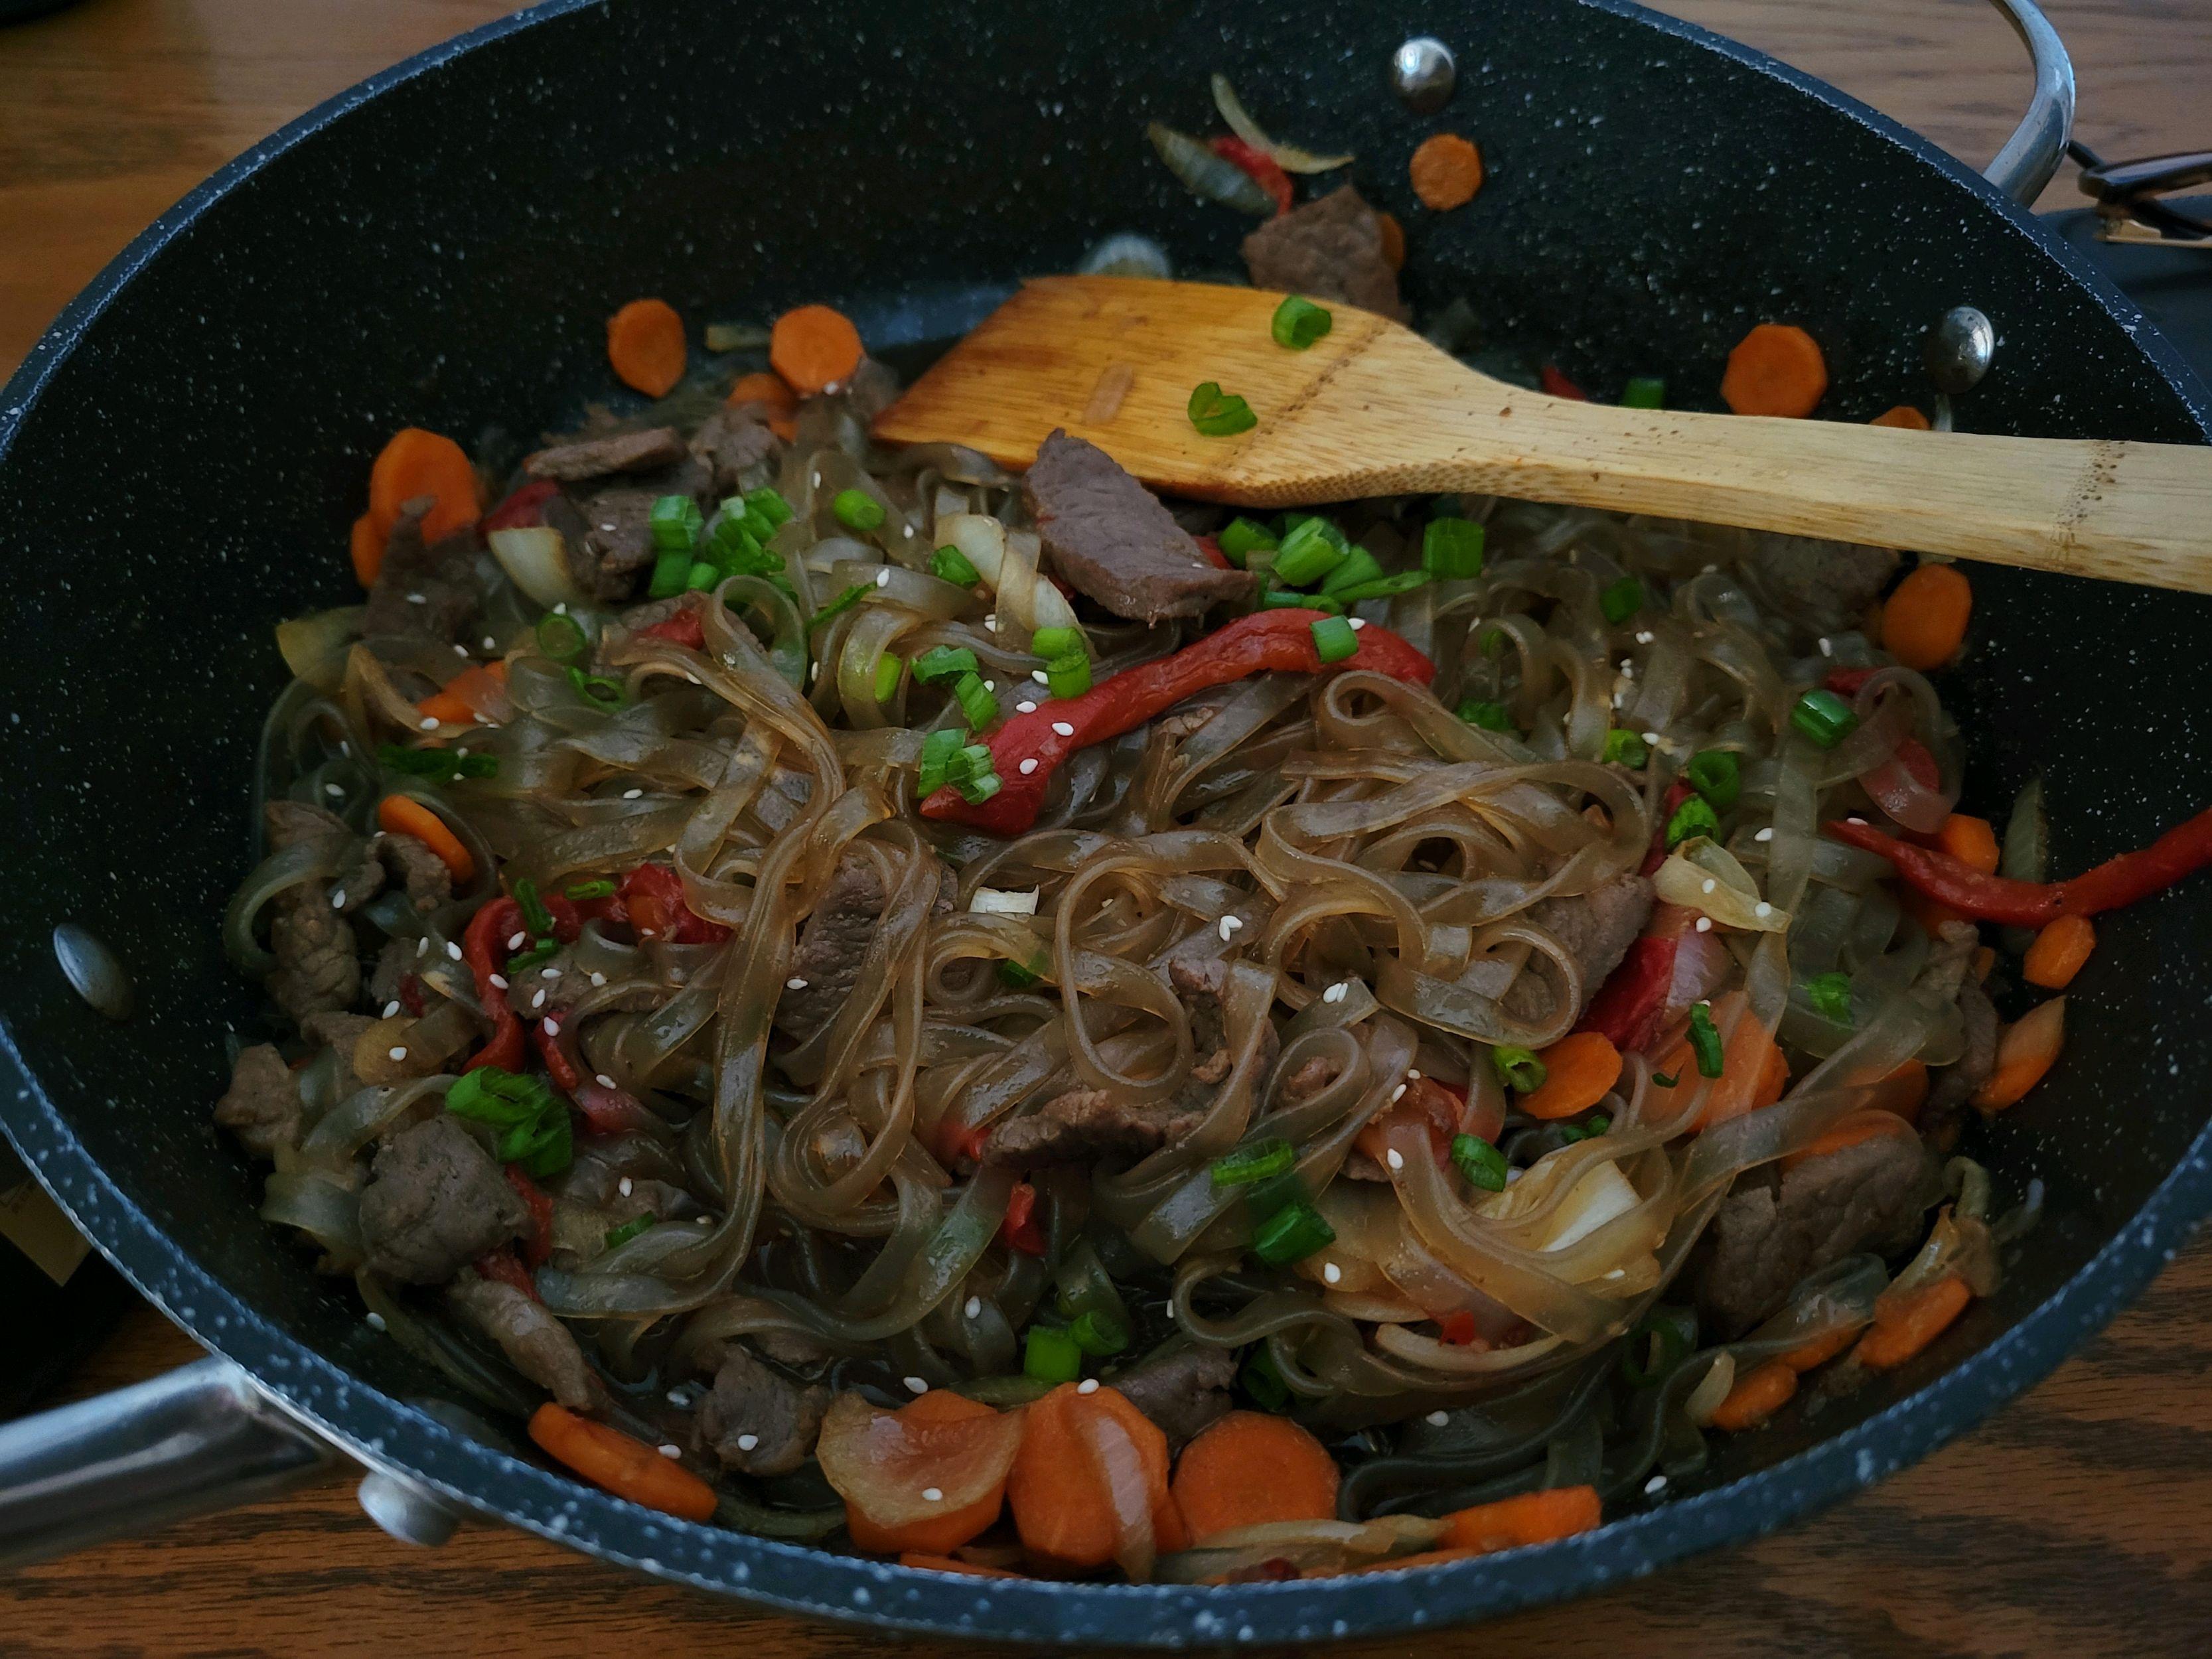 Japchae dish. Made and taken by @r_sylvar